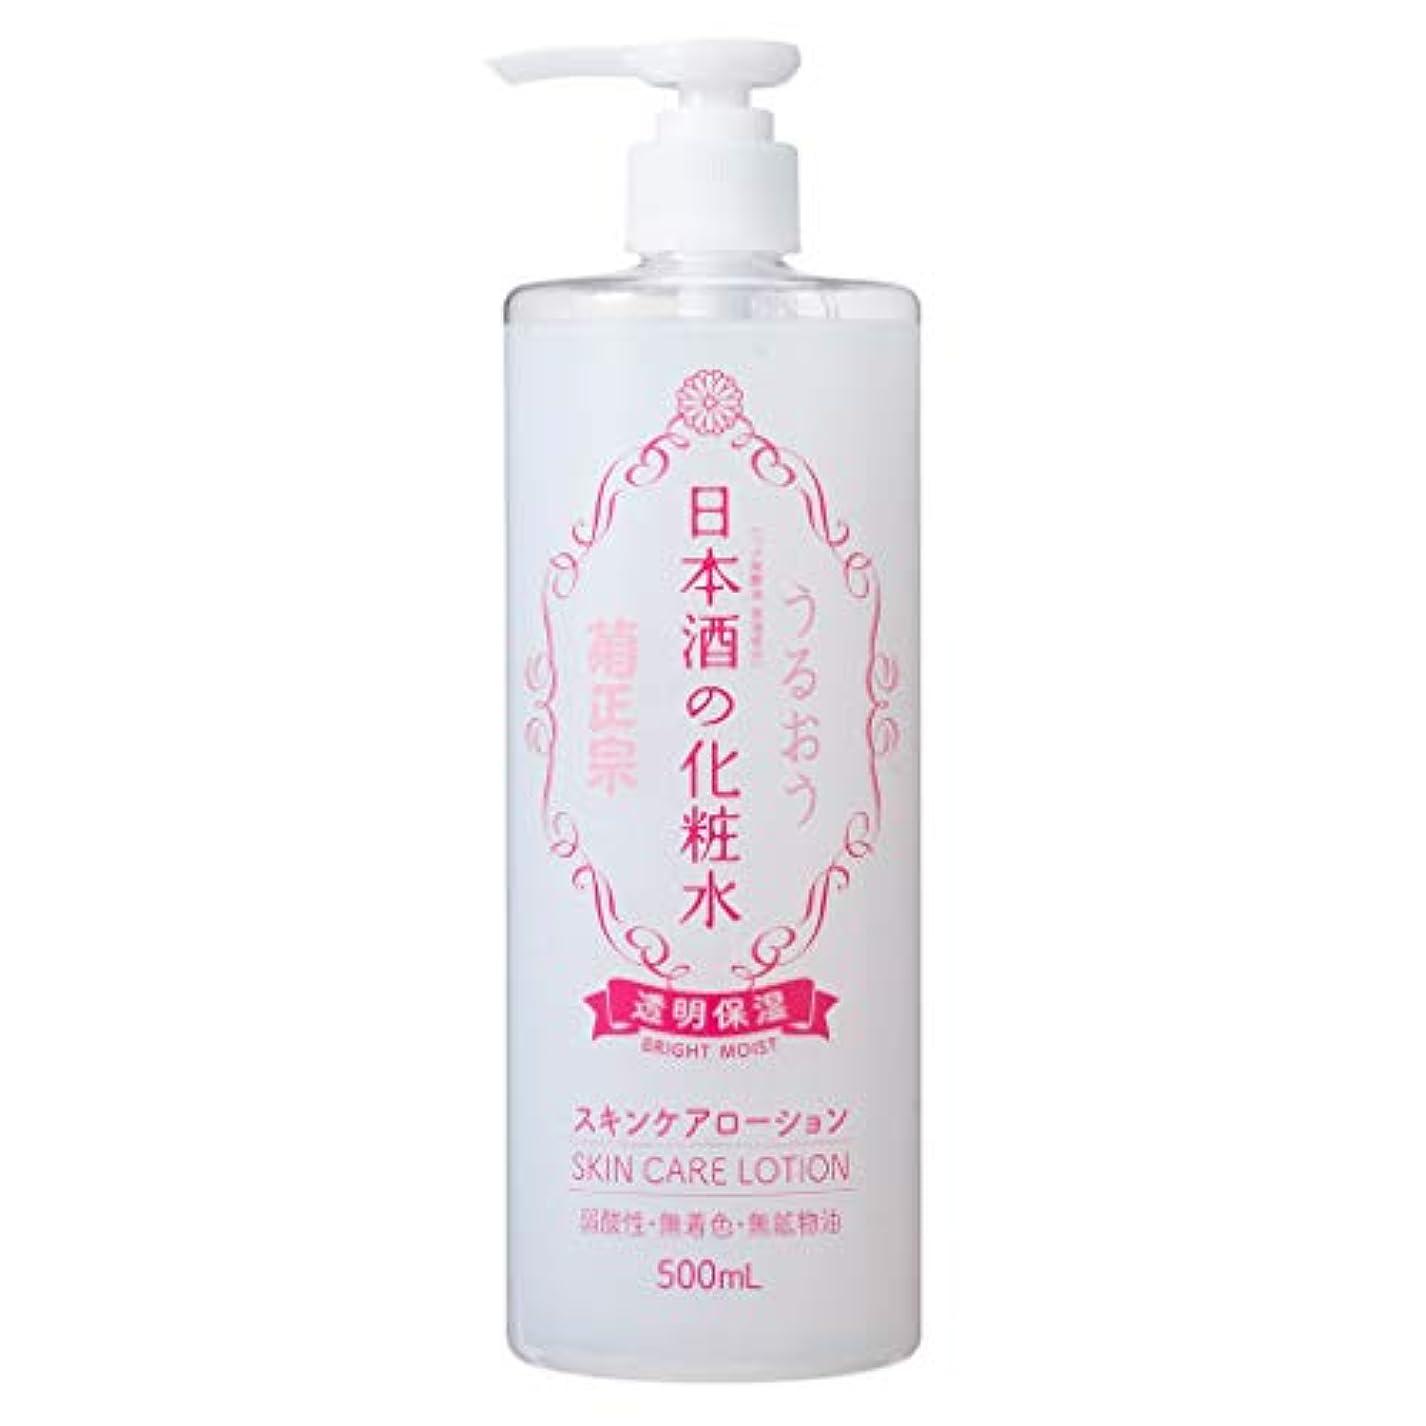 モス指定するケーブル菊正宗 日本酒の化粧水 透明保湿 500ml ビタミン